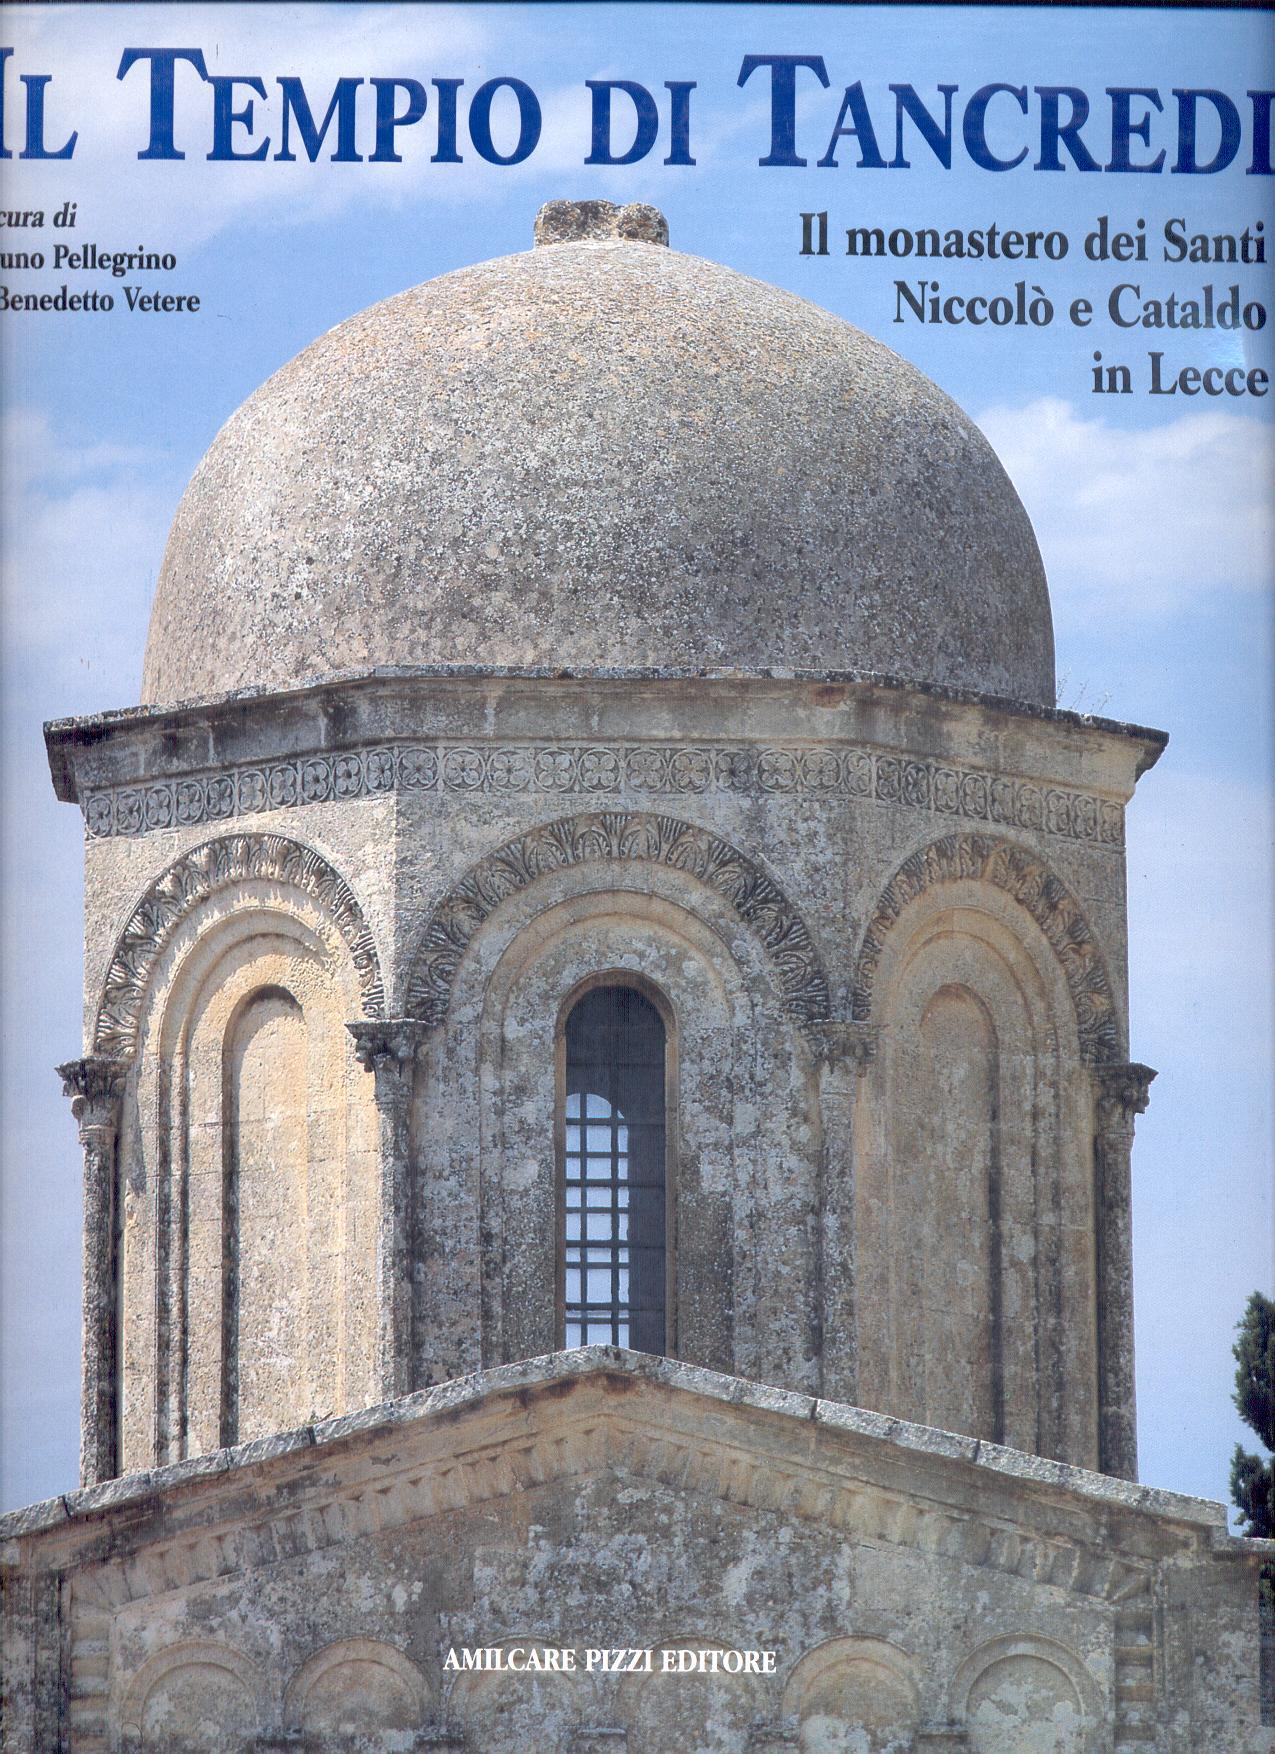 Il tempio di Tancredi